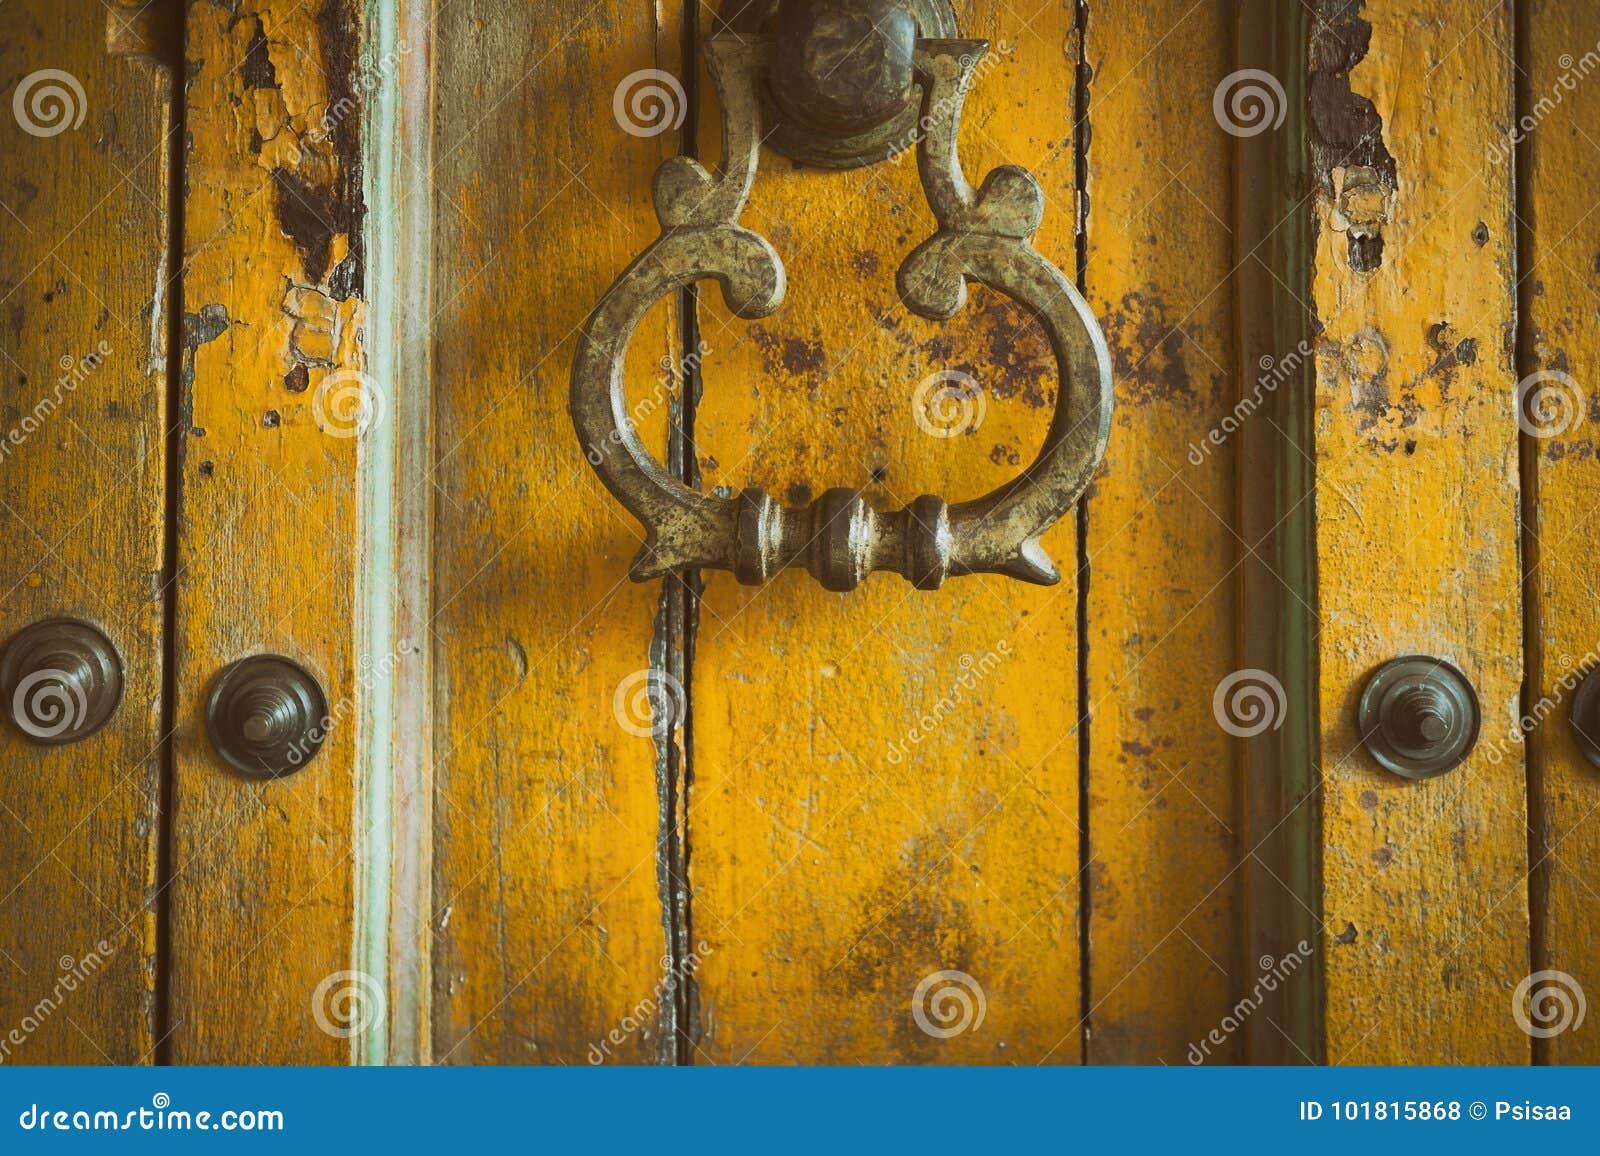 εκλεκτής ποιότητας αναδρομική κίτρινη ξύλινη πόρτα ύφους doorknob ορείχαλκου παλαιό Abstra